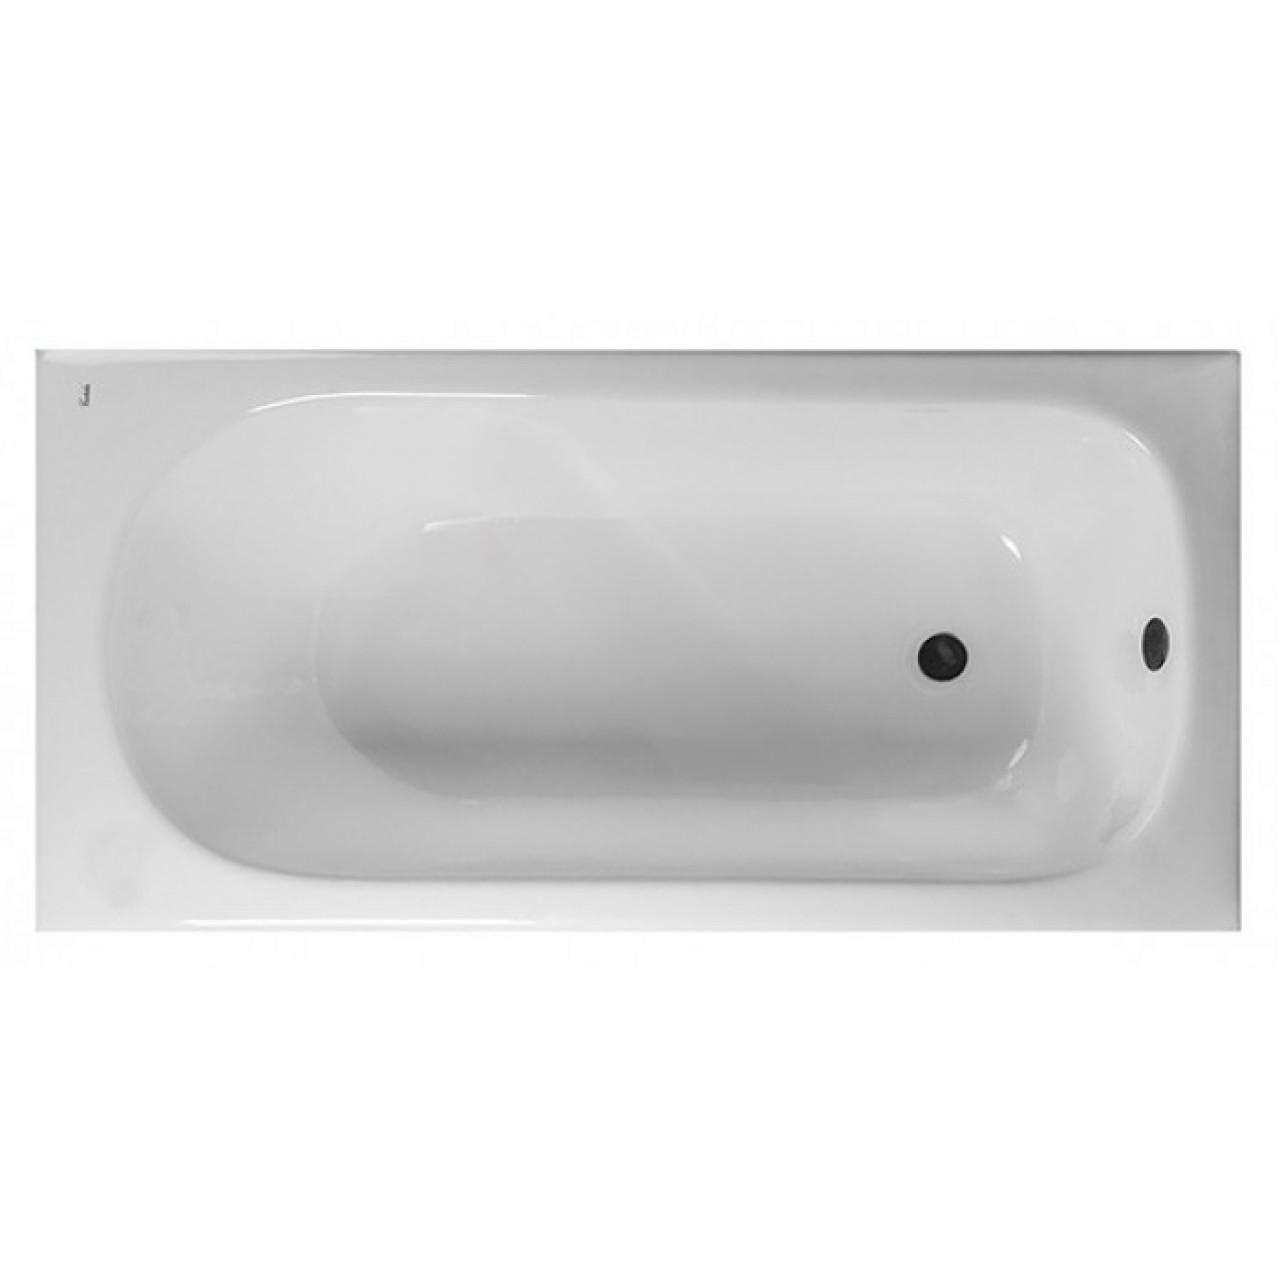 Чугунная ванна Castalia 1400х700х390 купить в Москве по цене от 20100р. в интернет-магазине mebel-v-vannu.ru